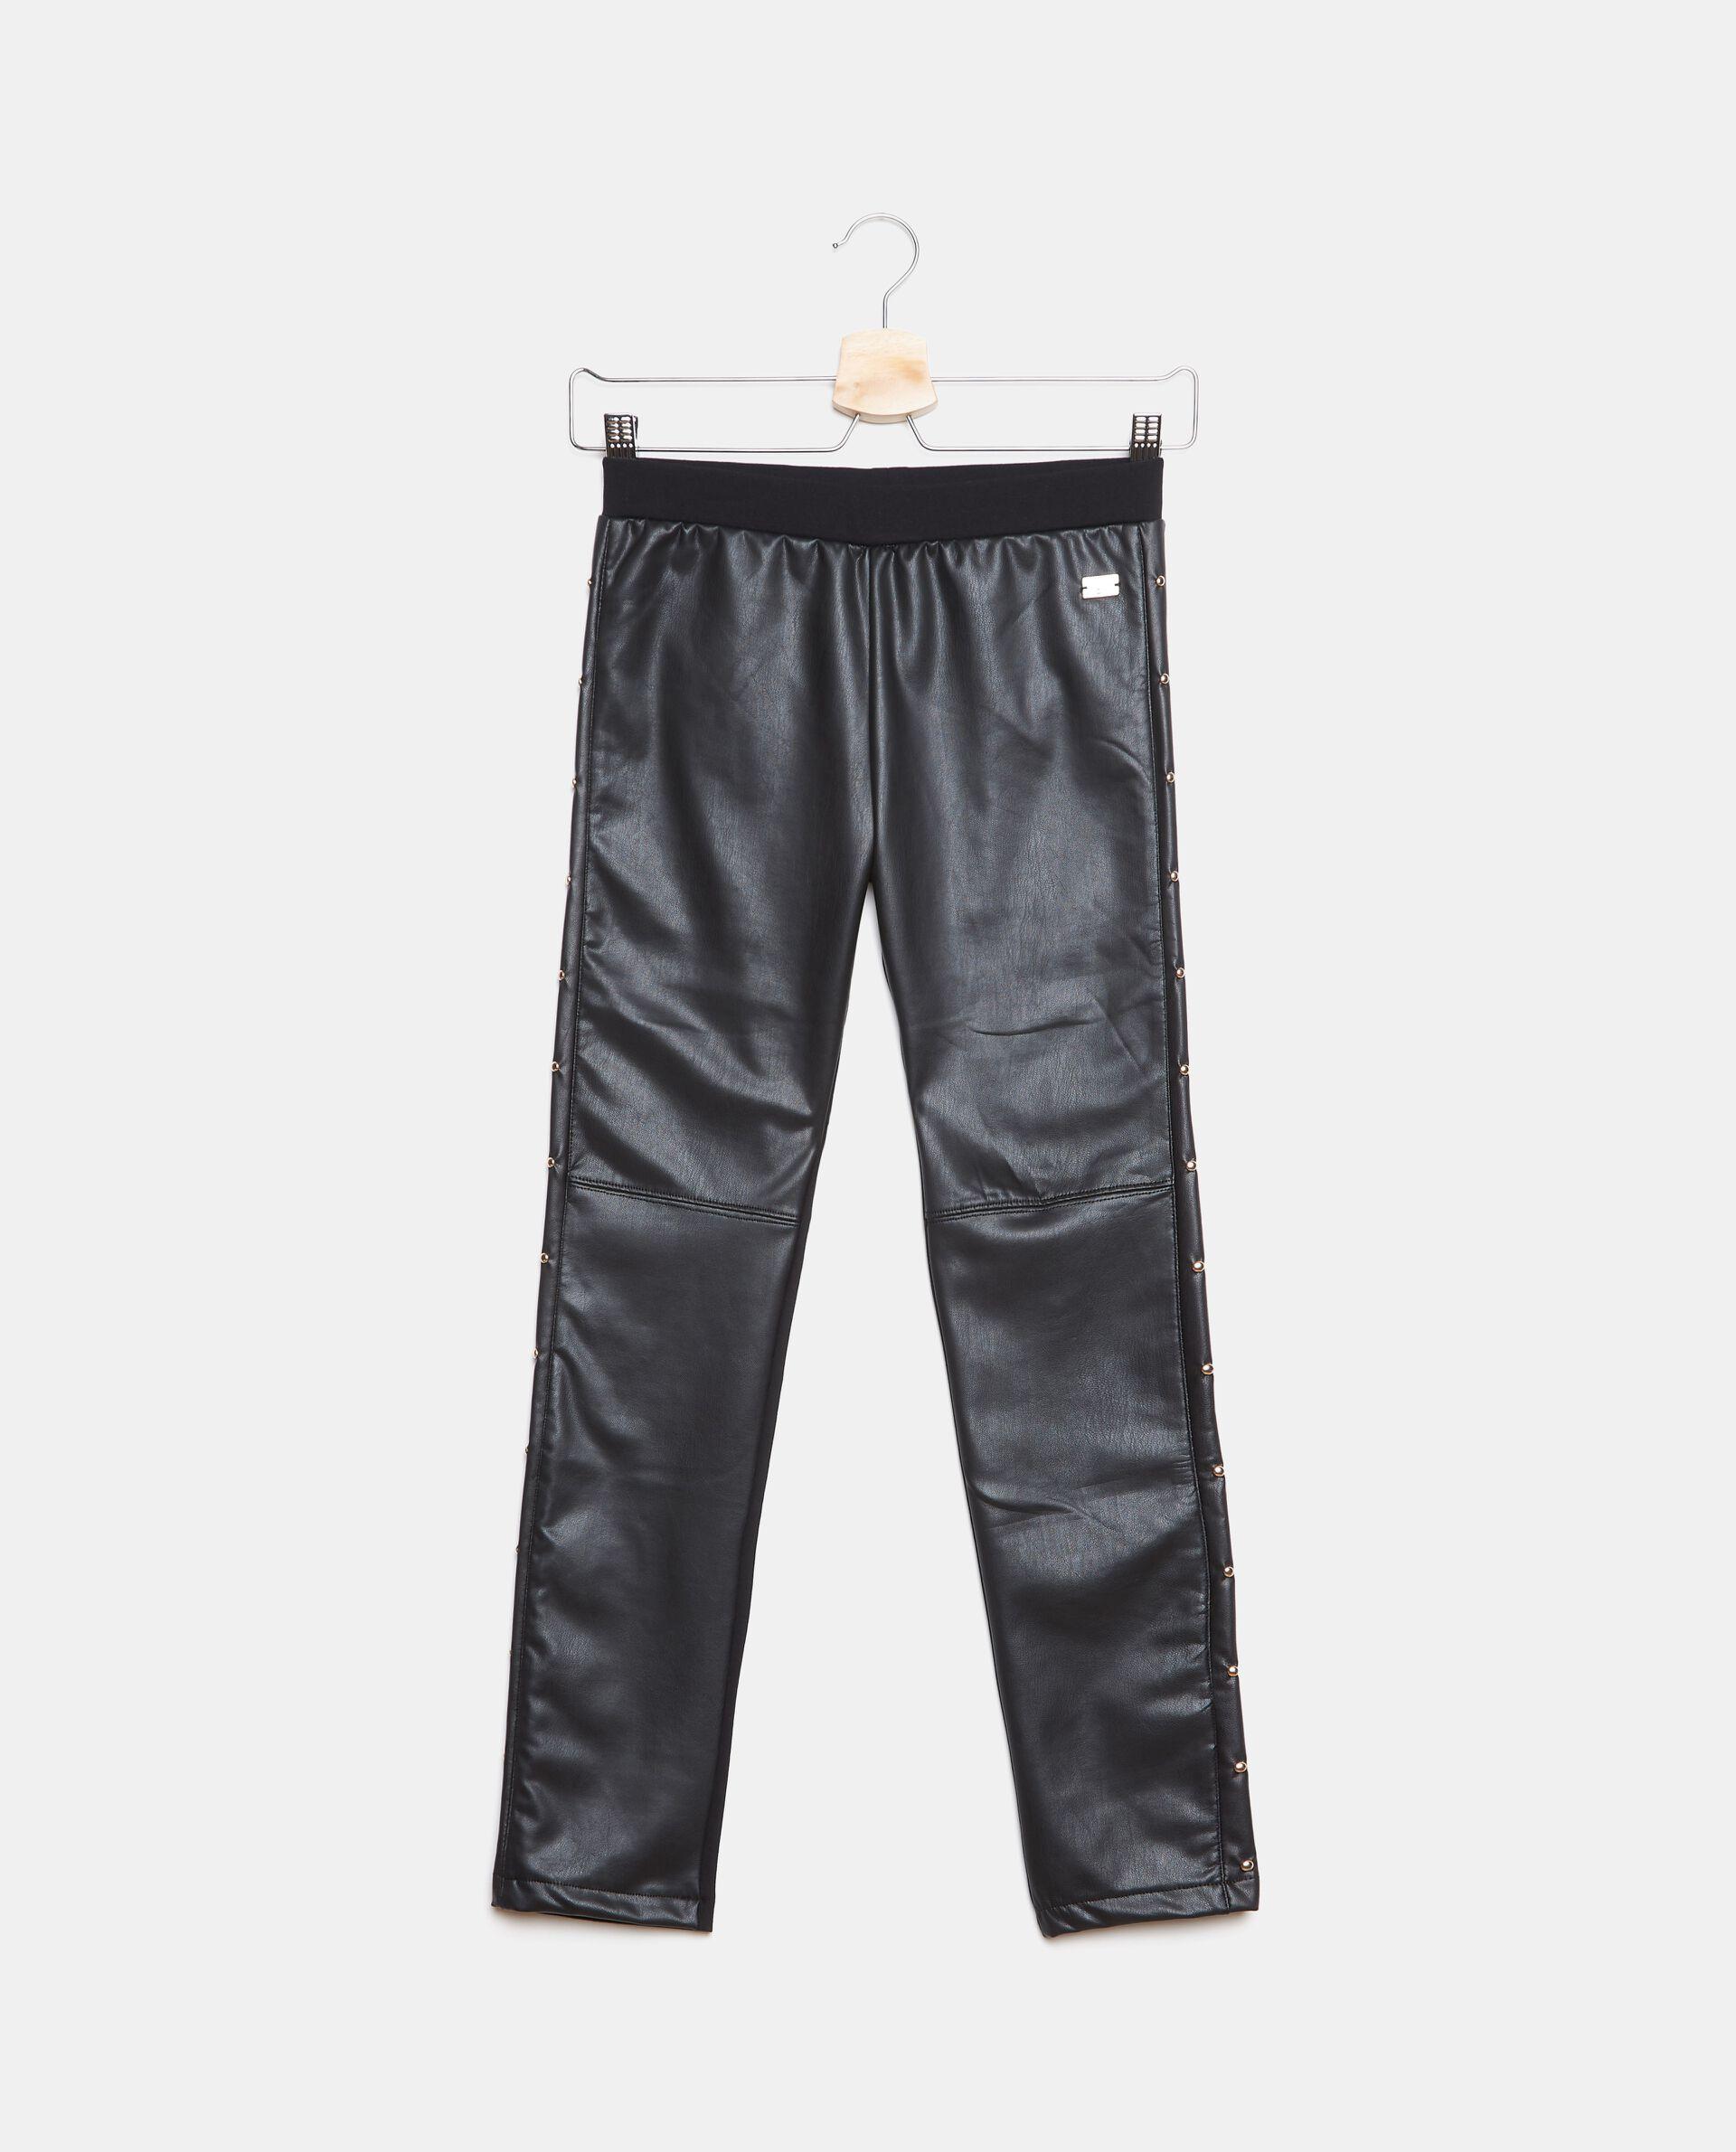 Pantaloni in ecopelle con bande laterali ragazza